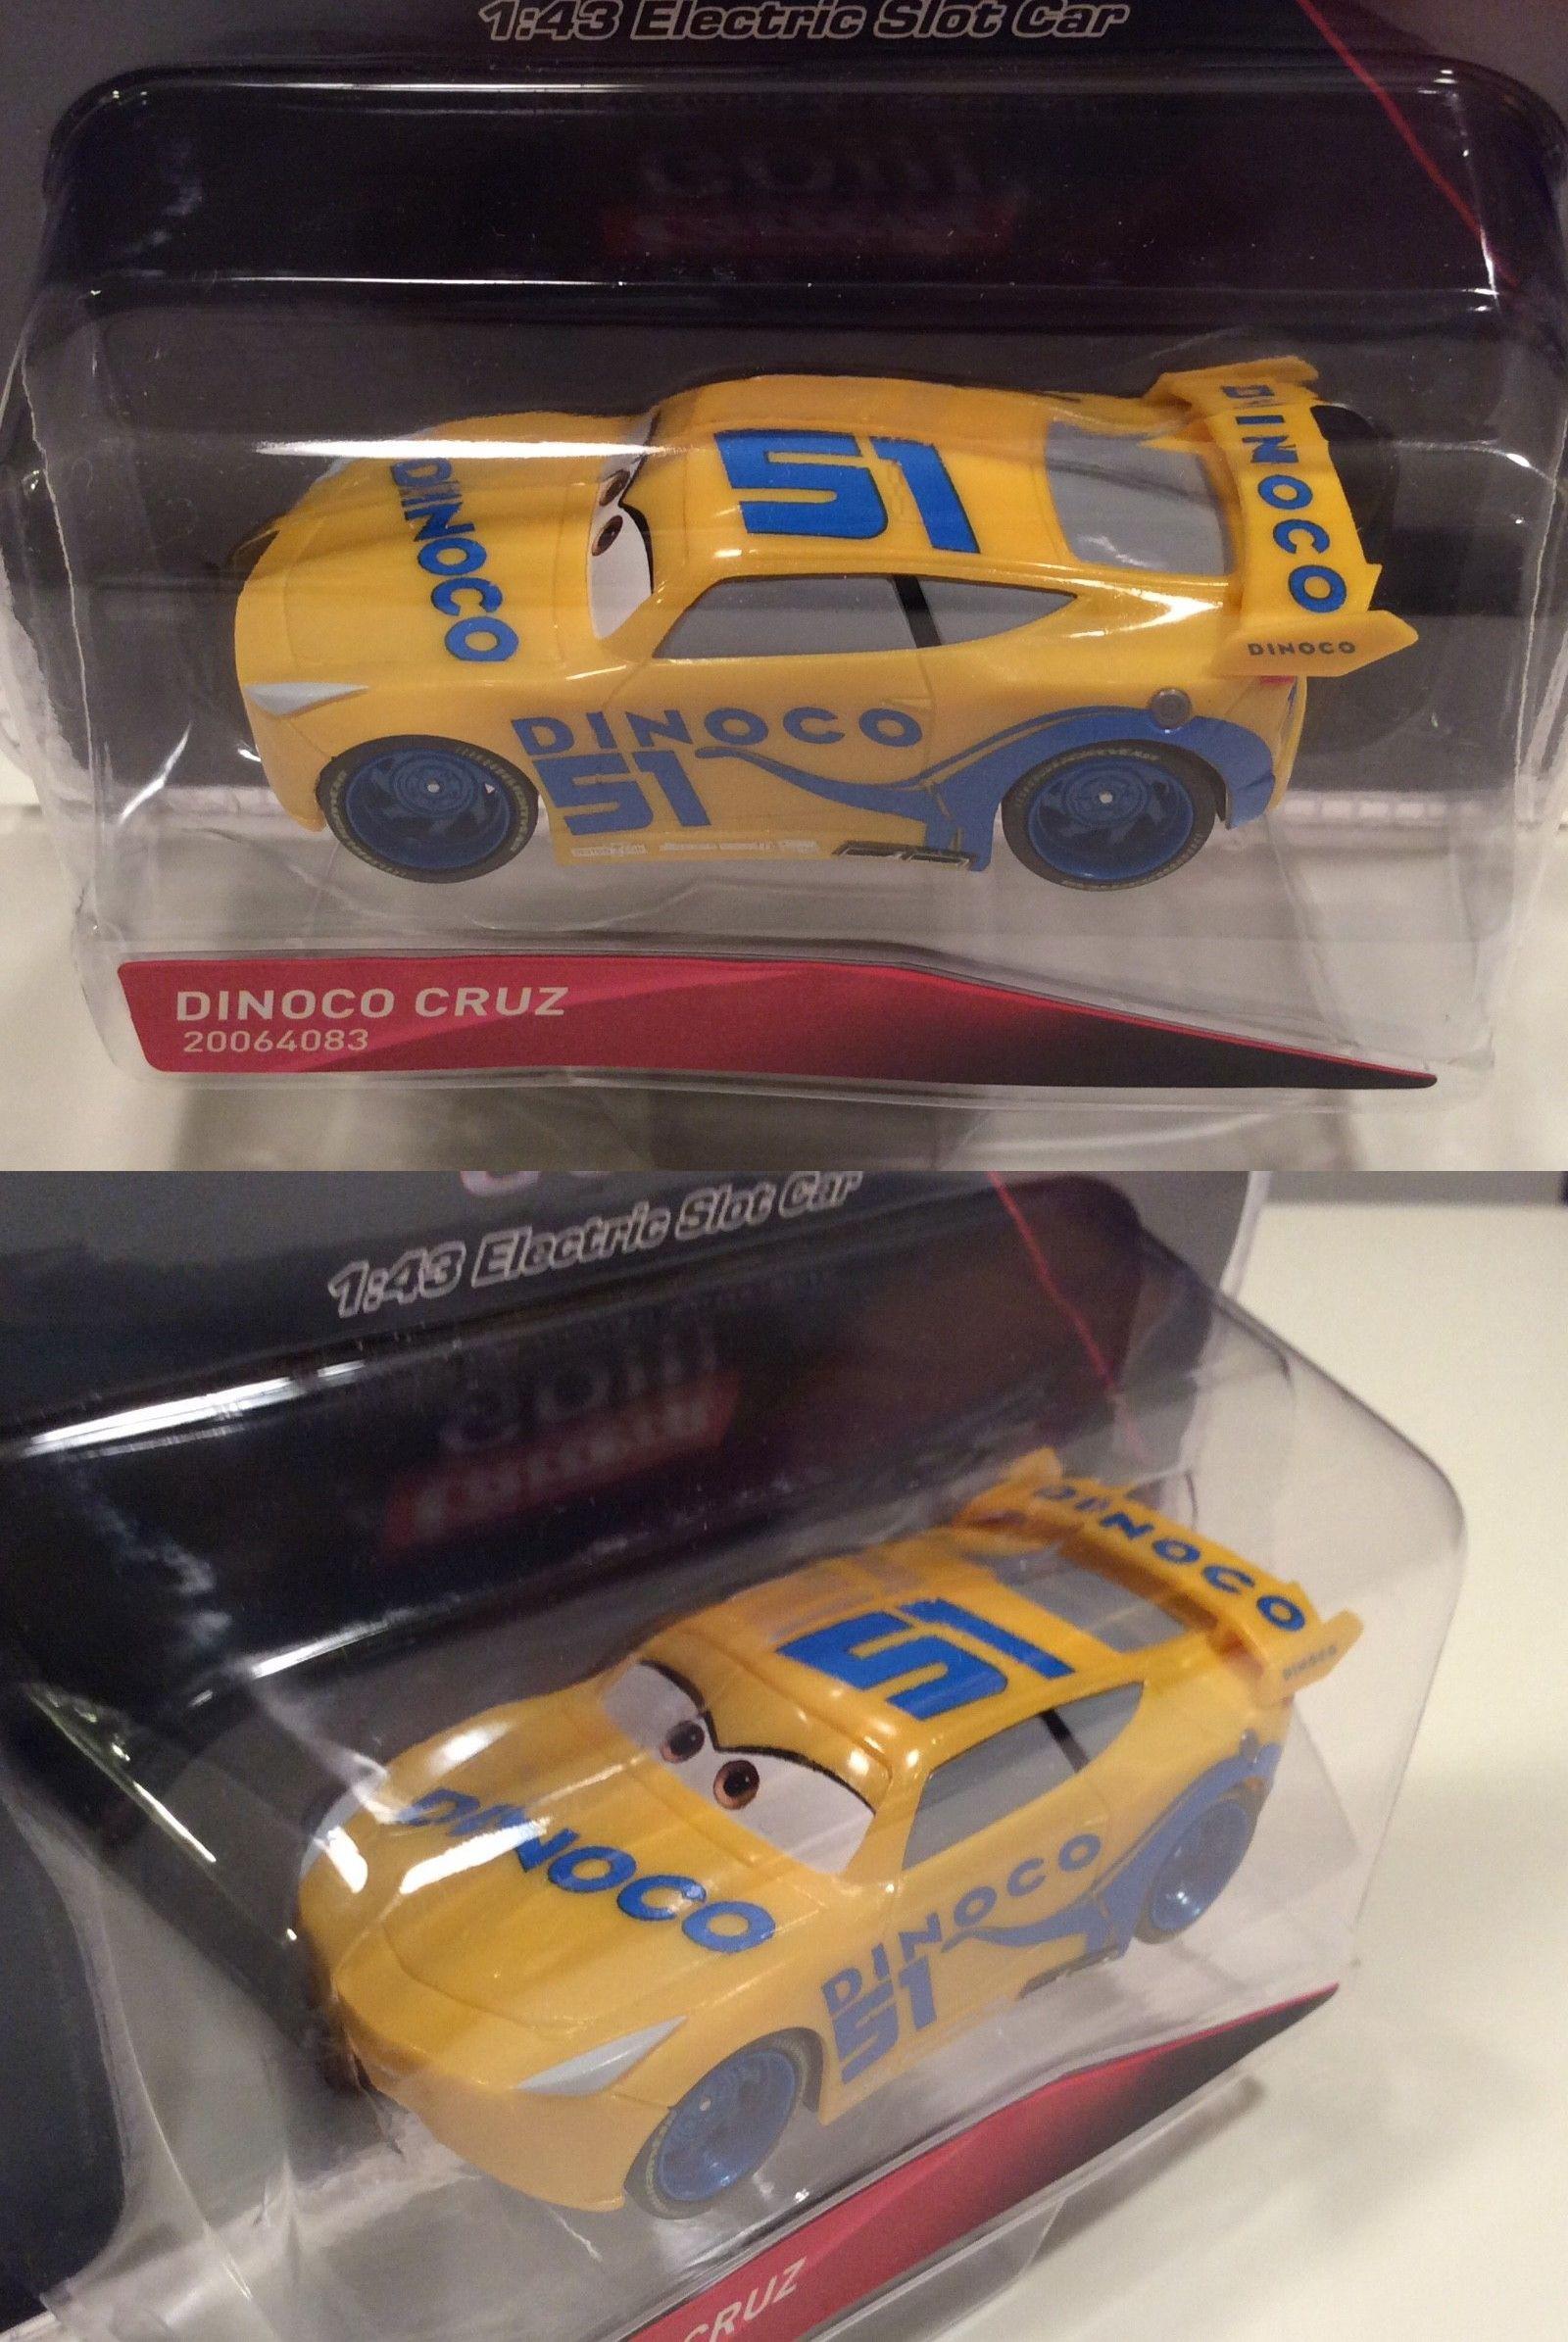 1970 Now 152936 Carrera Go 64083 Cars 3 Dinoco Cruz 51 1 43 Scale Slot Car Buy It Now Only 17 99 On Ebay Carrera Dinoco Sc Car Buying Ebay Slot Cars